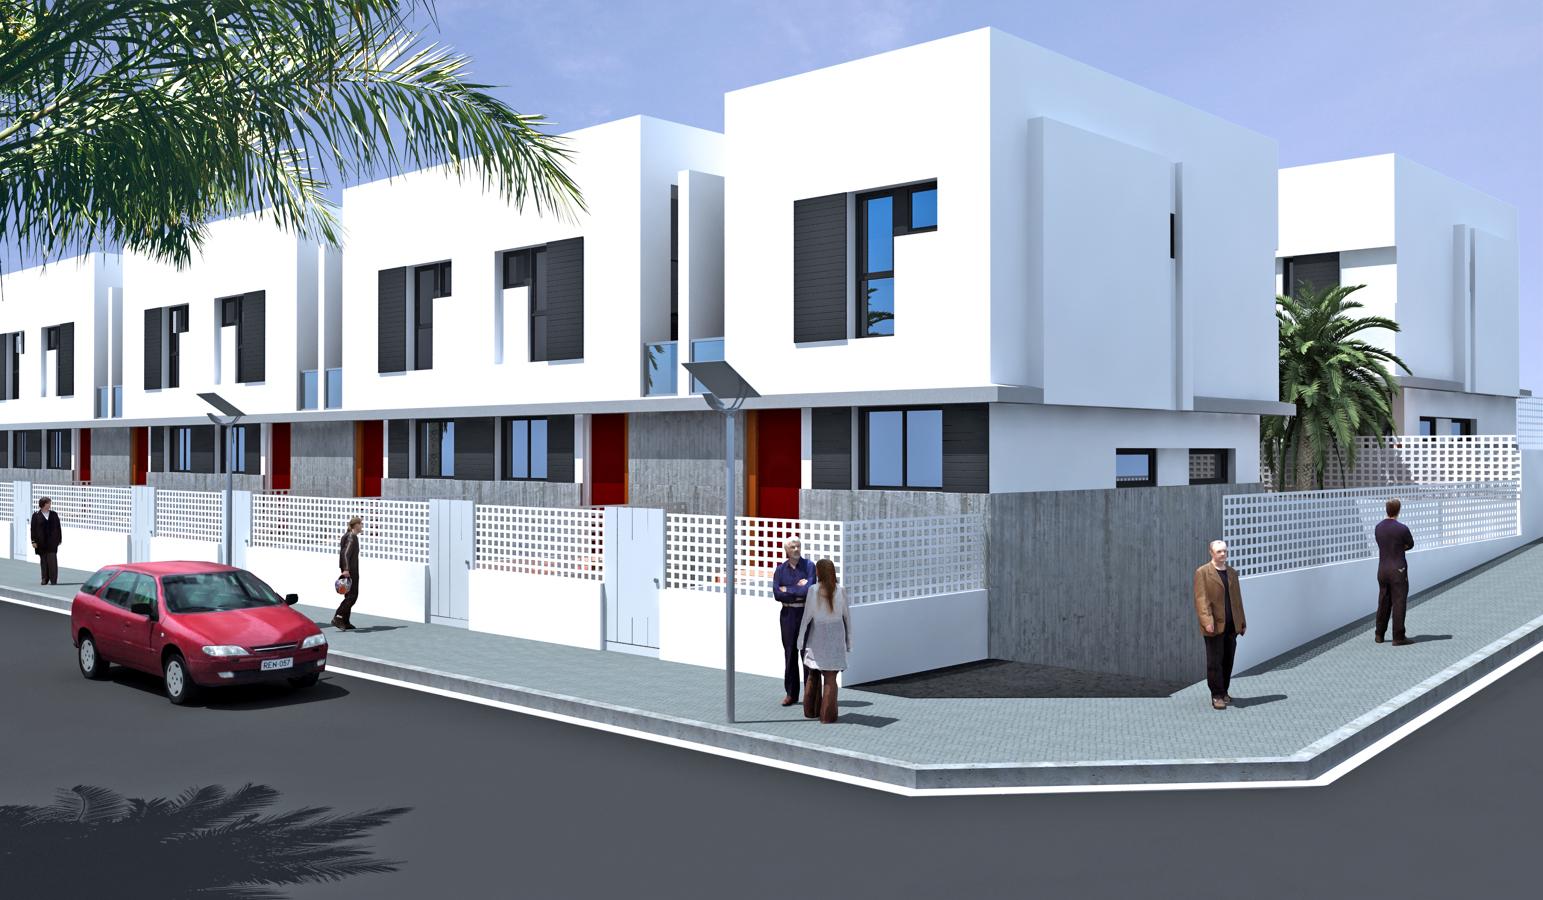 Foto proyecto de 210 duplex adosados en la goleta aguimes - Proyectos casas unifamiliares ...